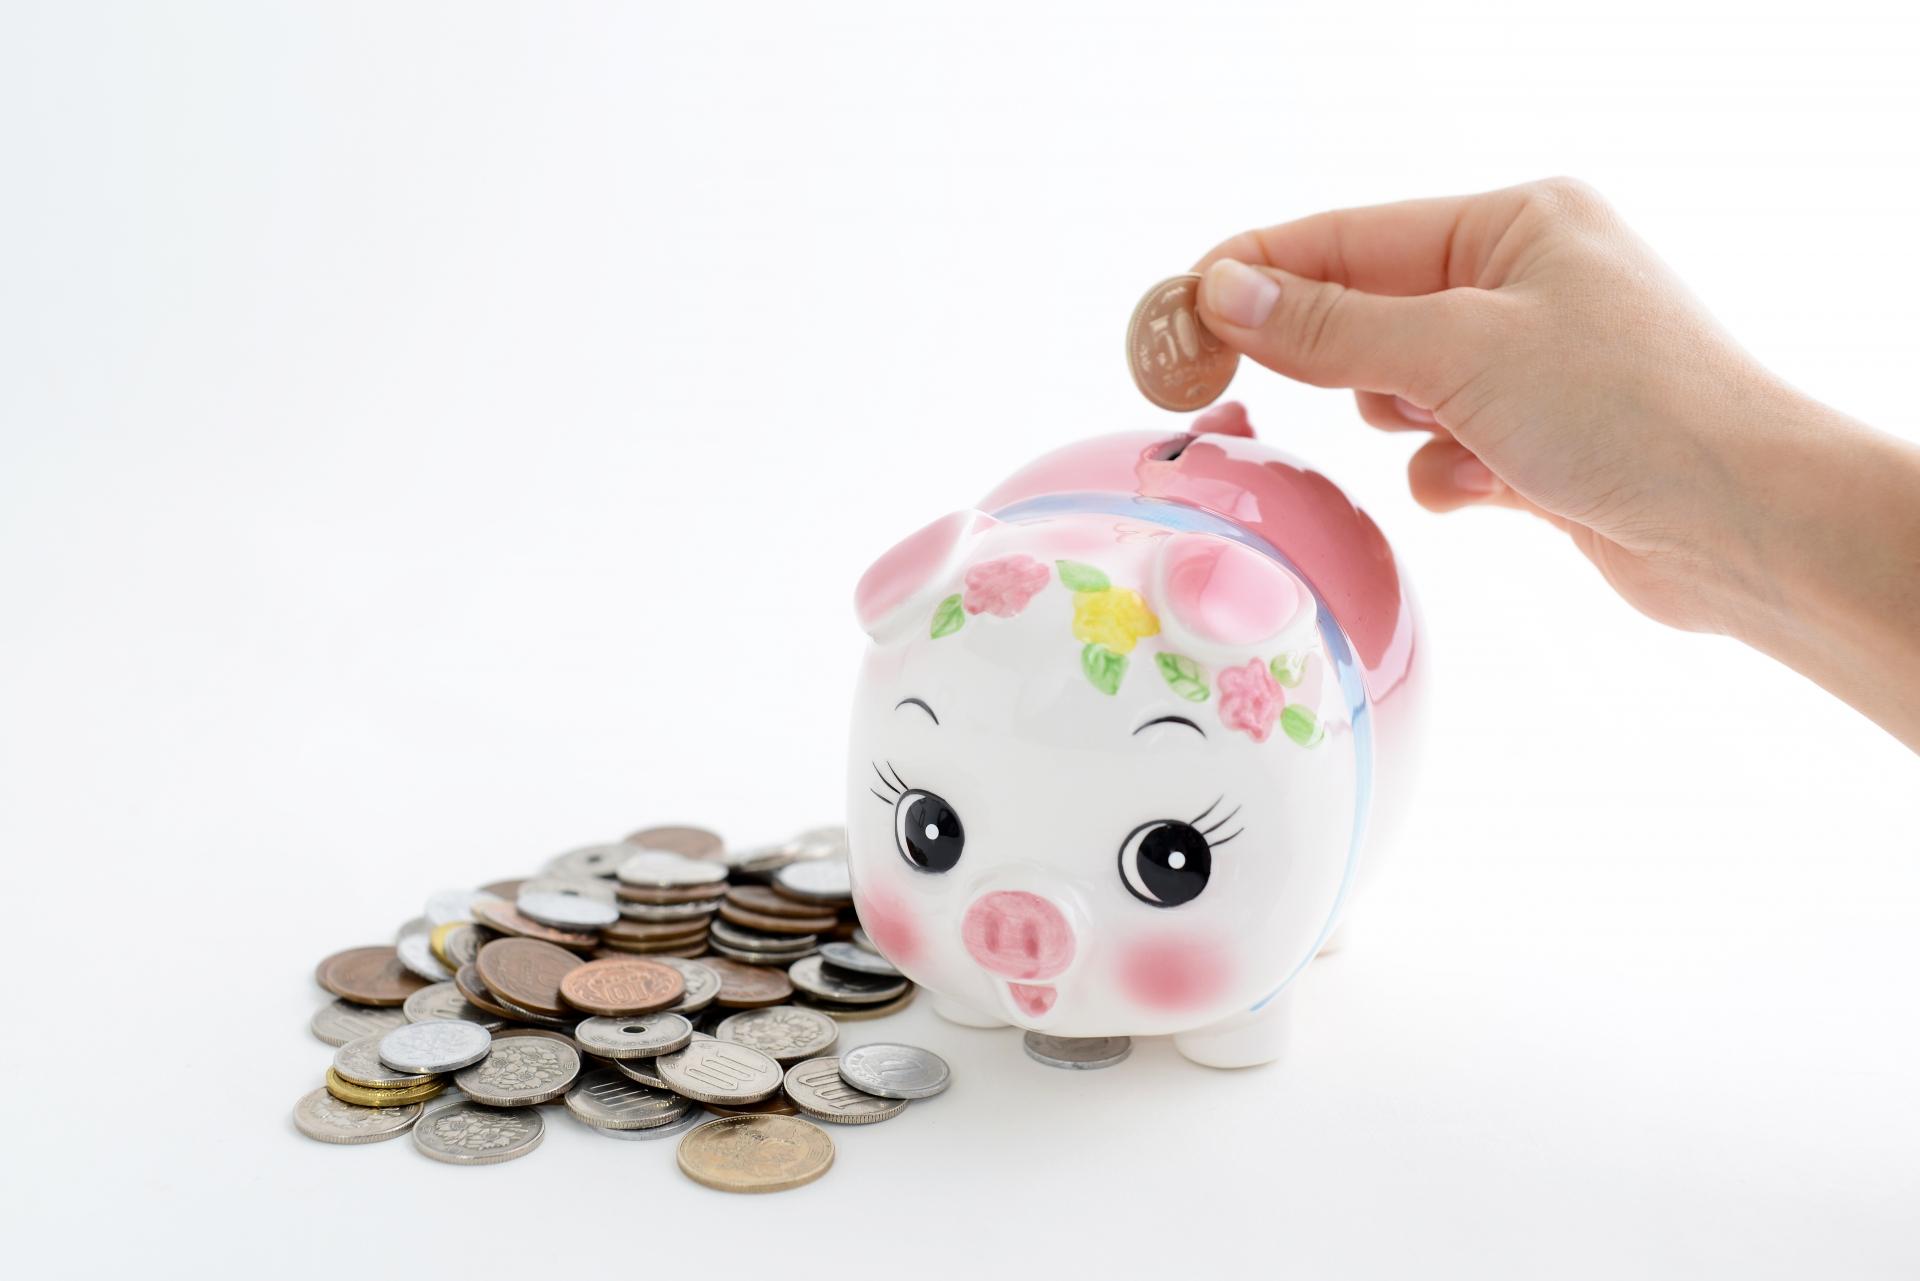 ギャンブルではなく投資で短期間のうちにお金を稼ぐ方法【副業女子にもおすすめ】